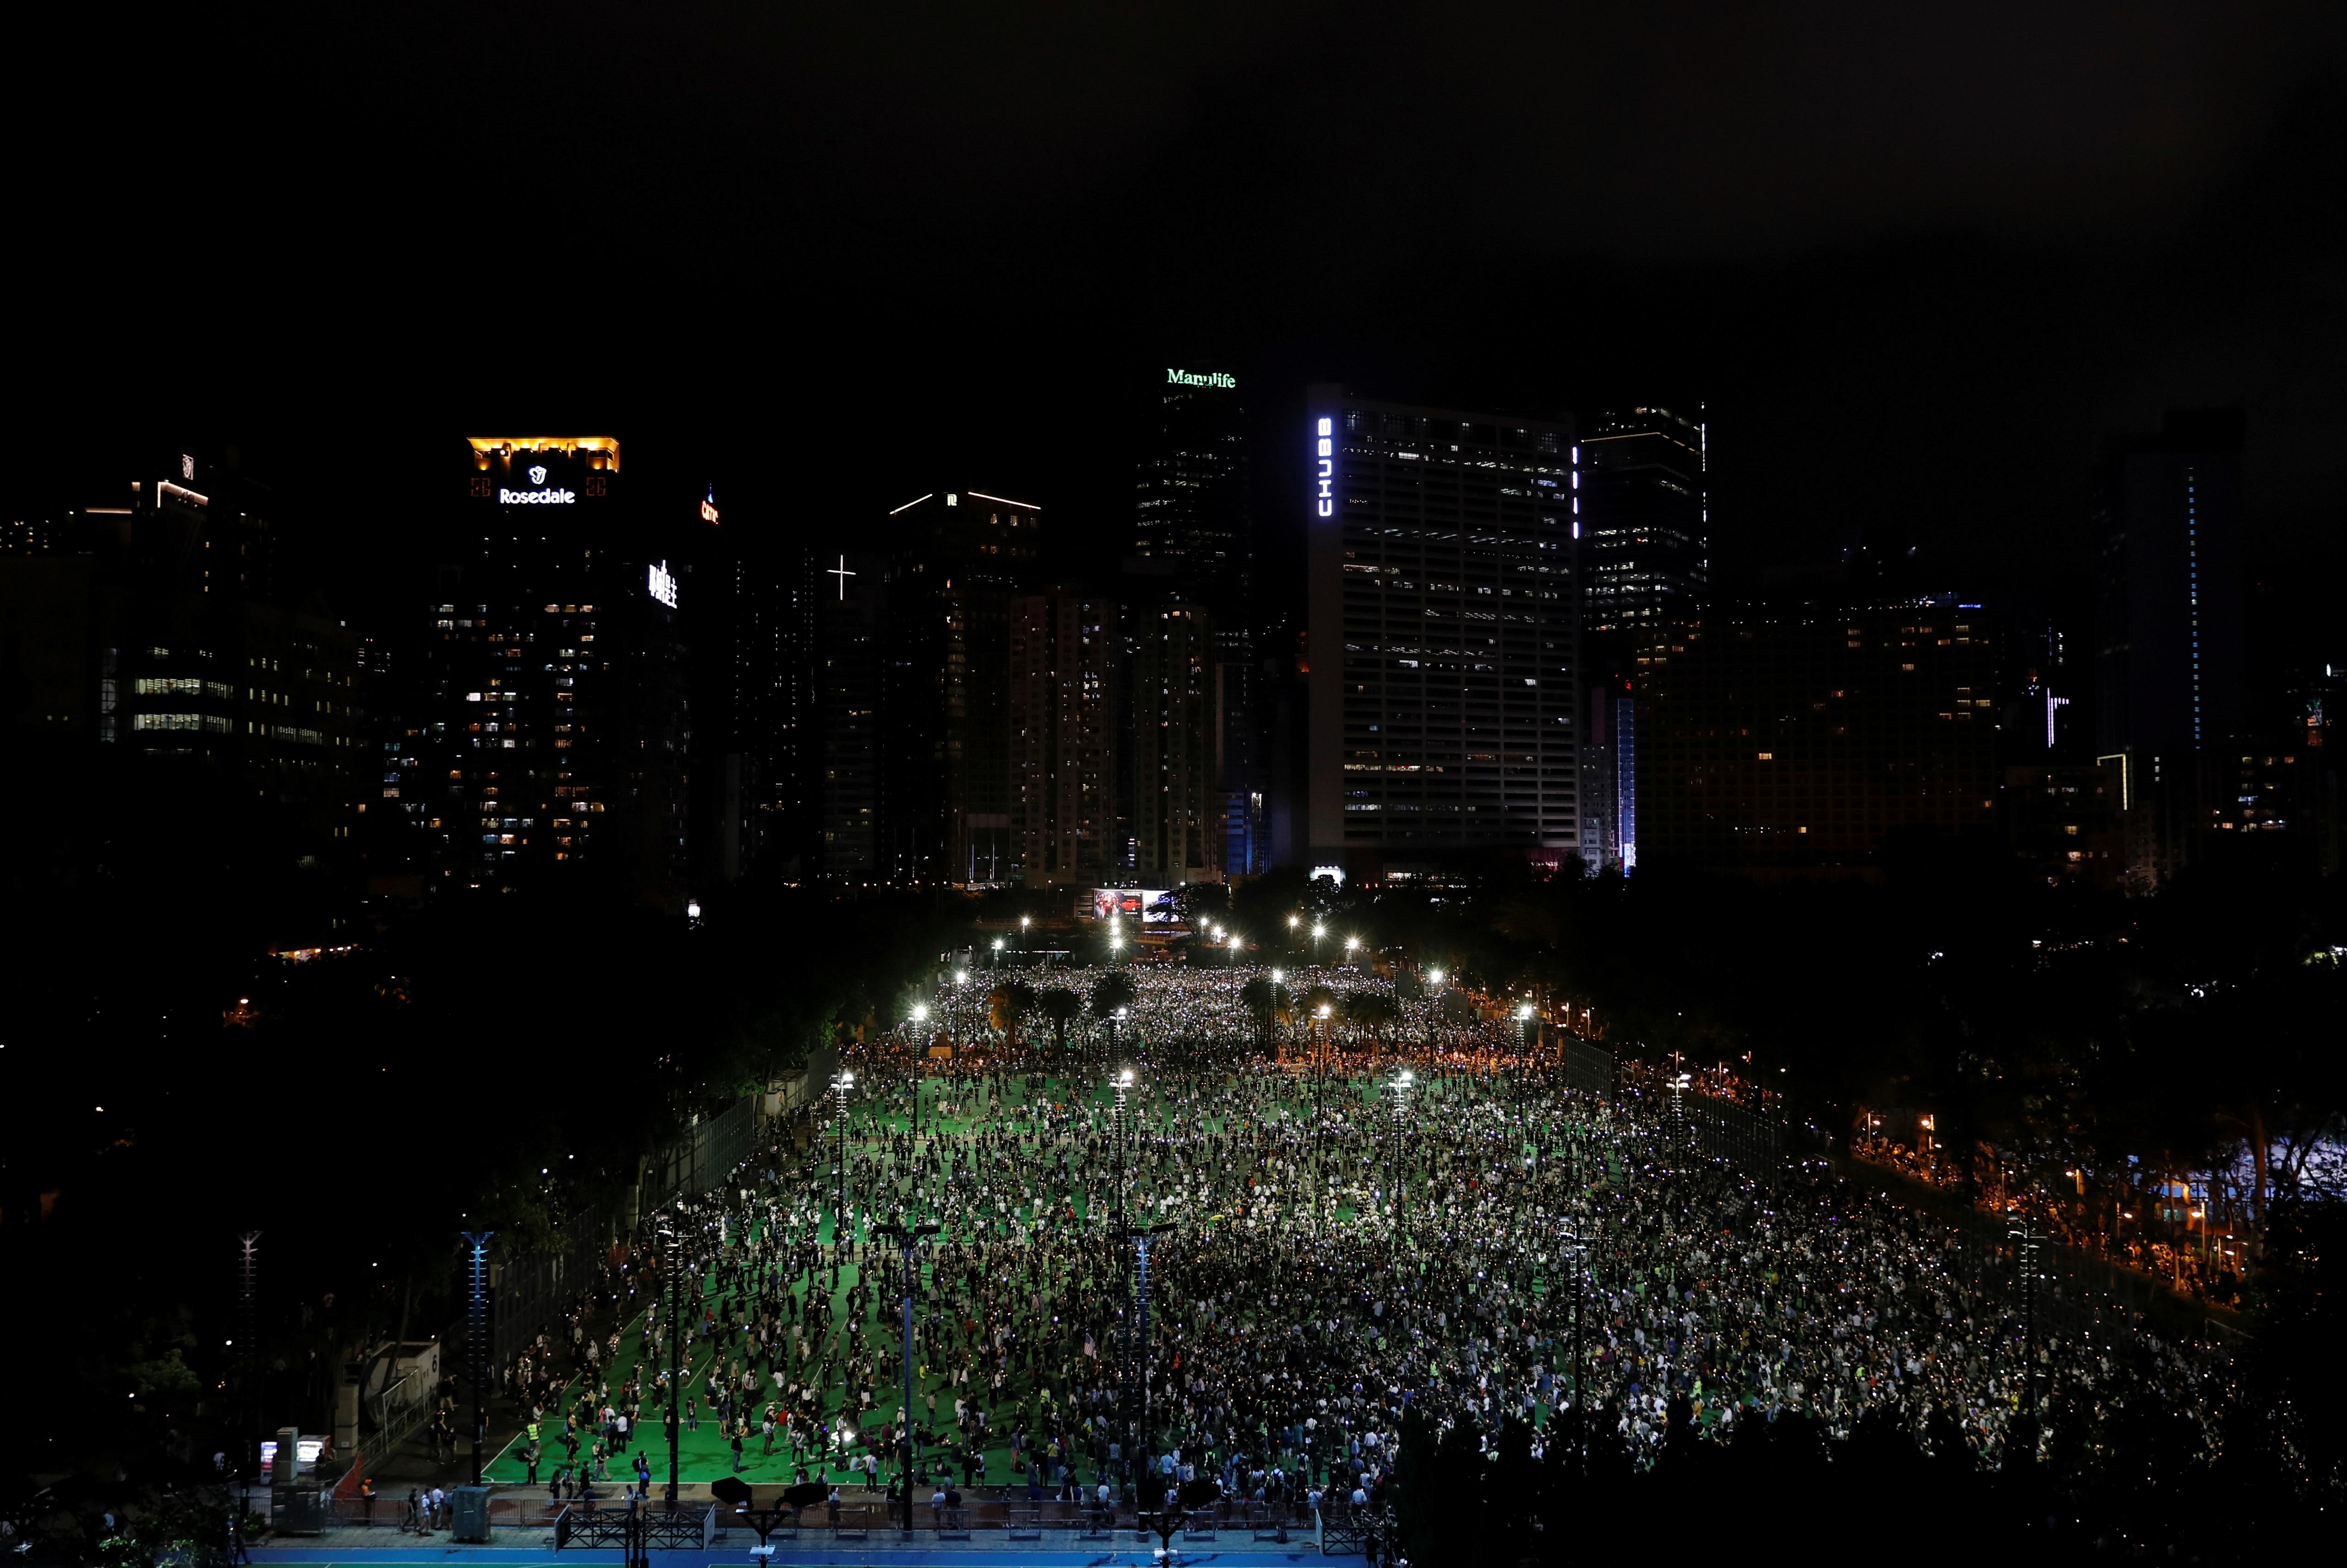 Miles de personas salieron a las calles de Hong Kong para recordar la matanza de Tiananmen de 1989 a manos del régimen chino. Este años la vigilia estaba oficialmente vetada por la Policía. No obstante, las personas decidieron desafiar la medida. El hecho ocurrió el mismo día en que el Parlamento local aprobó una ley que penalizará con hasta tres años de cárcel las injurias al himno chino (REUTERS/Tyrone Siu)